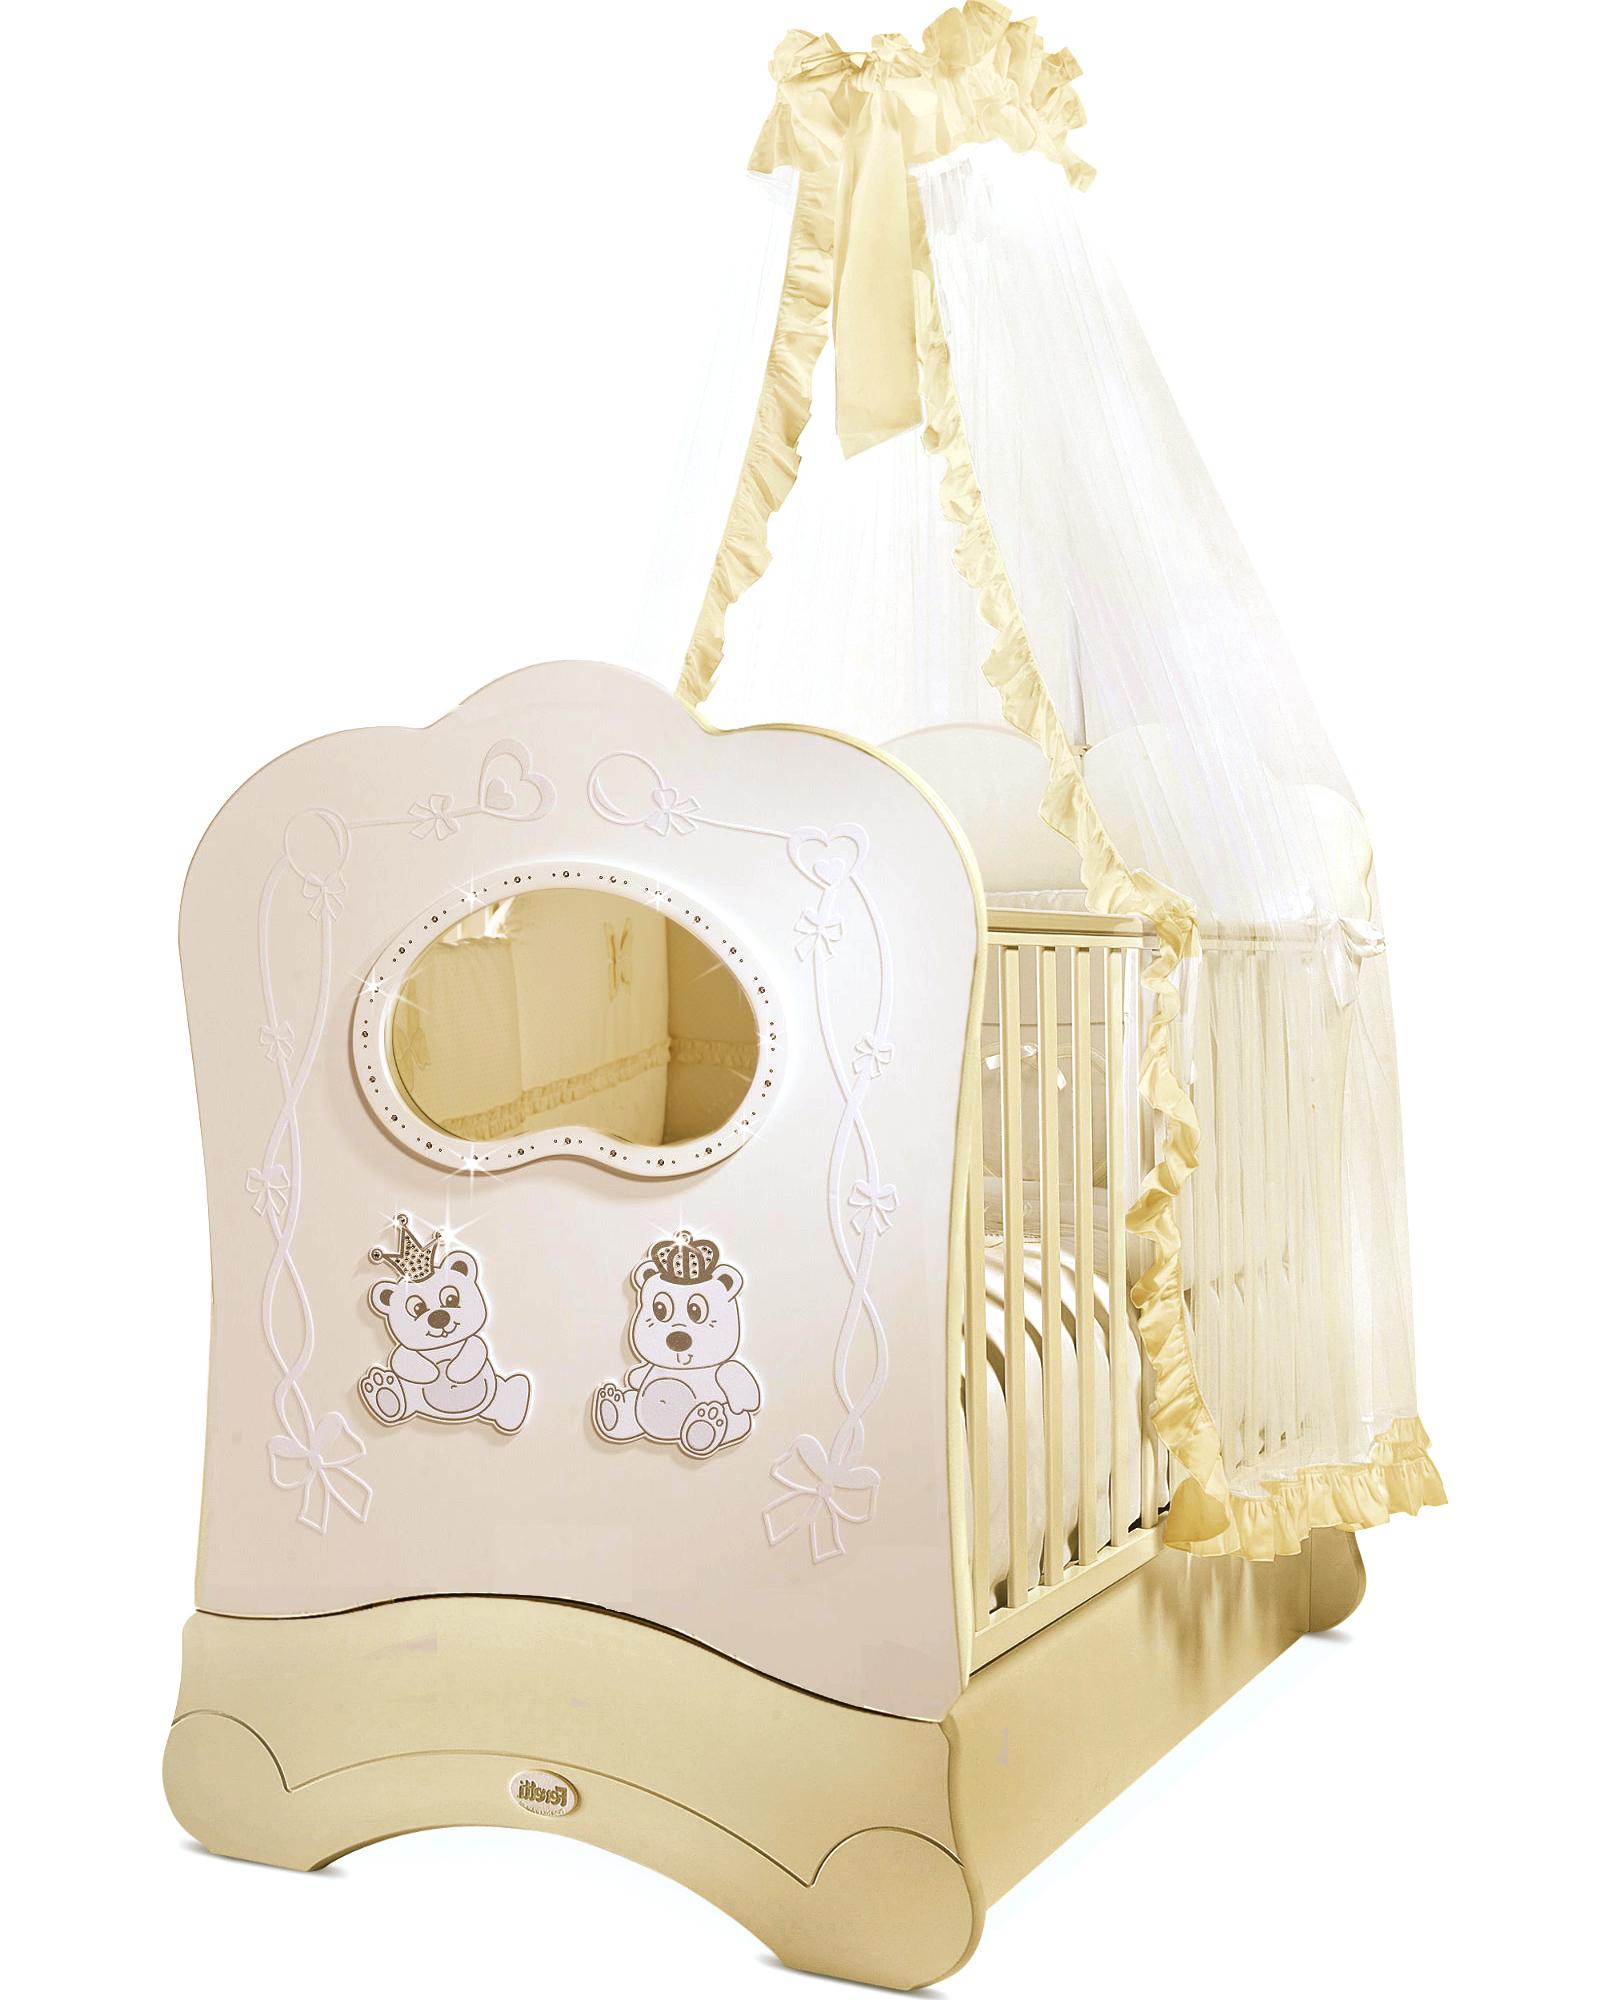 Кровать детская Feretti Fms Oblo Majesty Brillante Avorio/IvoryДетские кровати и мягкая мебель<br>Кровать детская Feretti Fms Oblo Majesty Brillante Avorio/Ivory<br>